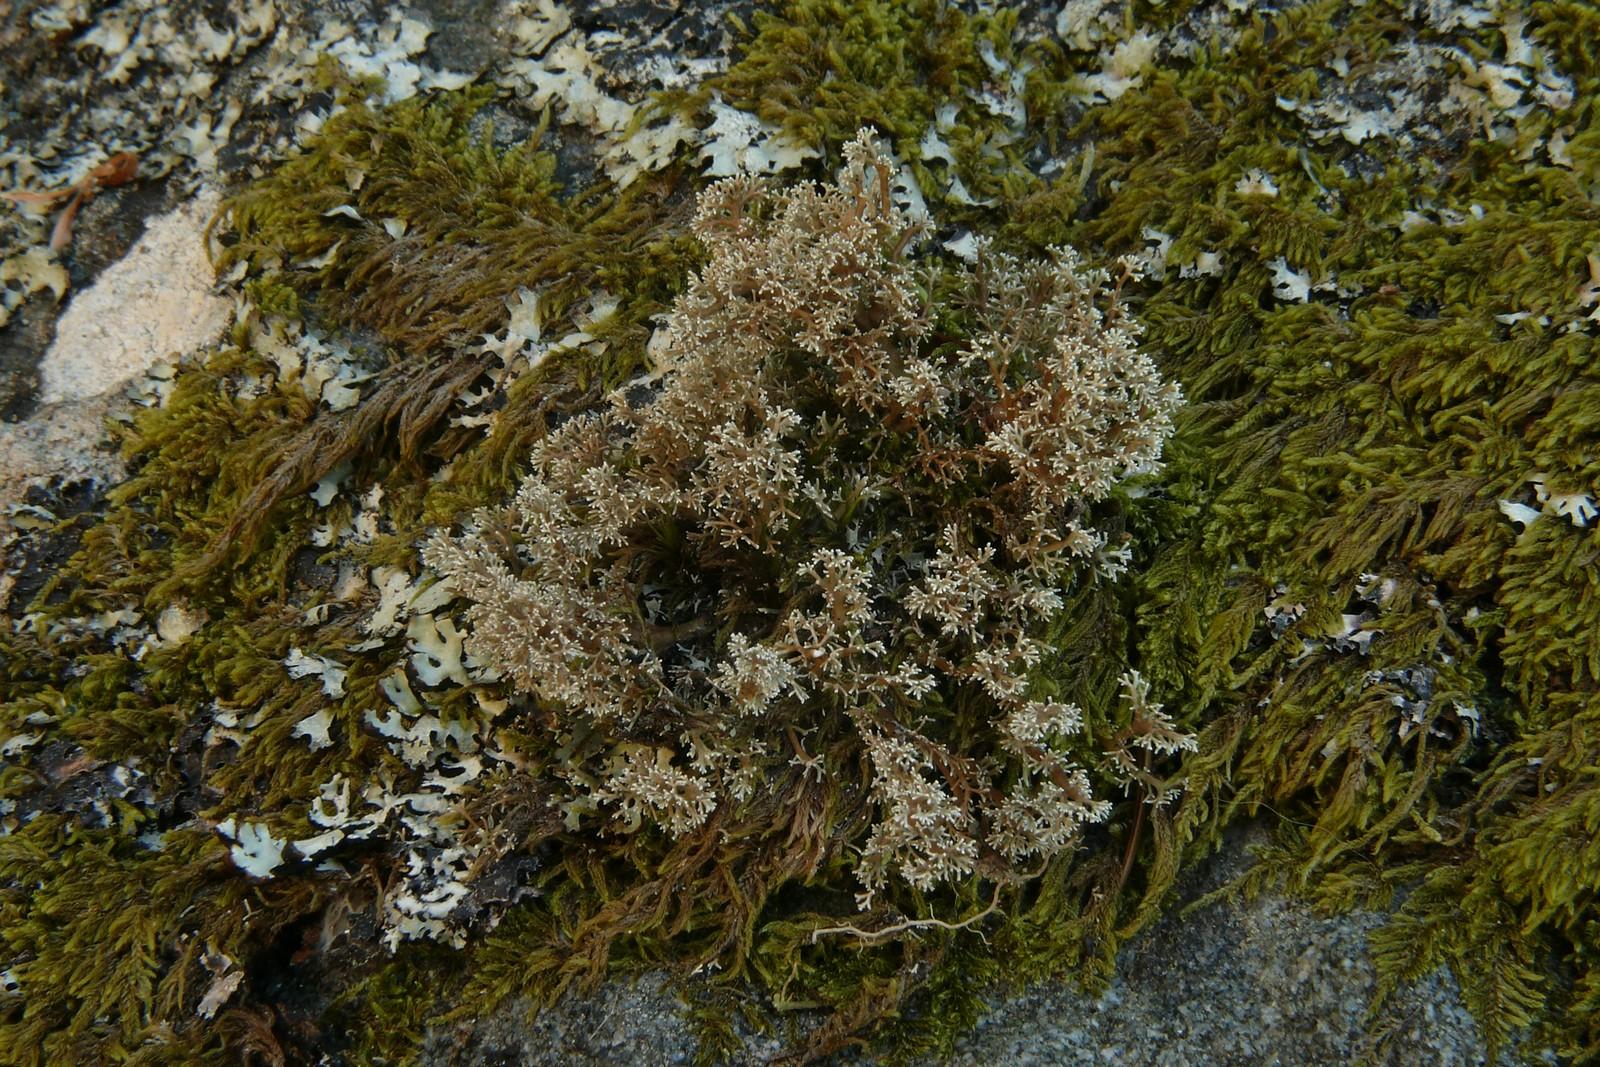 SphaerophorusGlobosus-20130707-63-PréDaval-05e